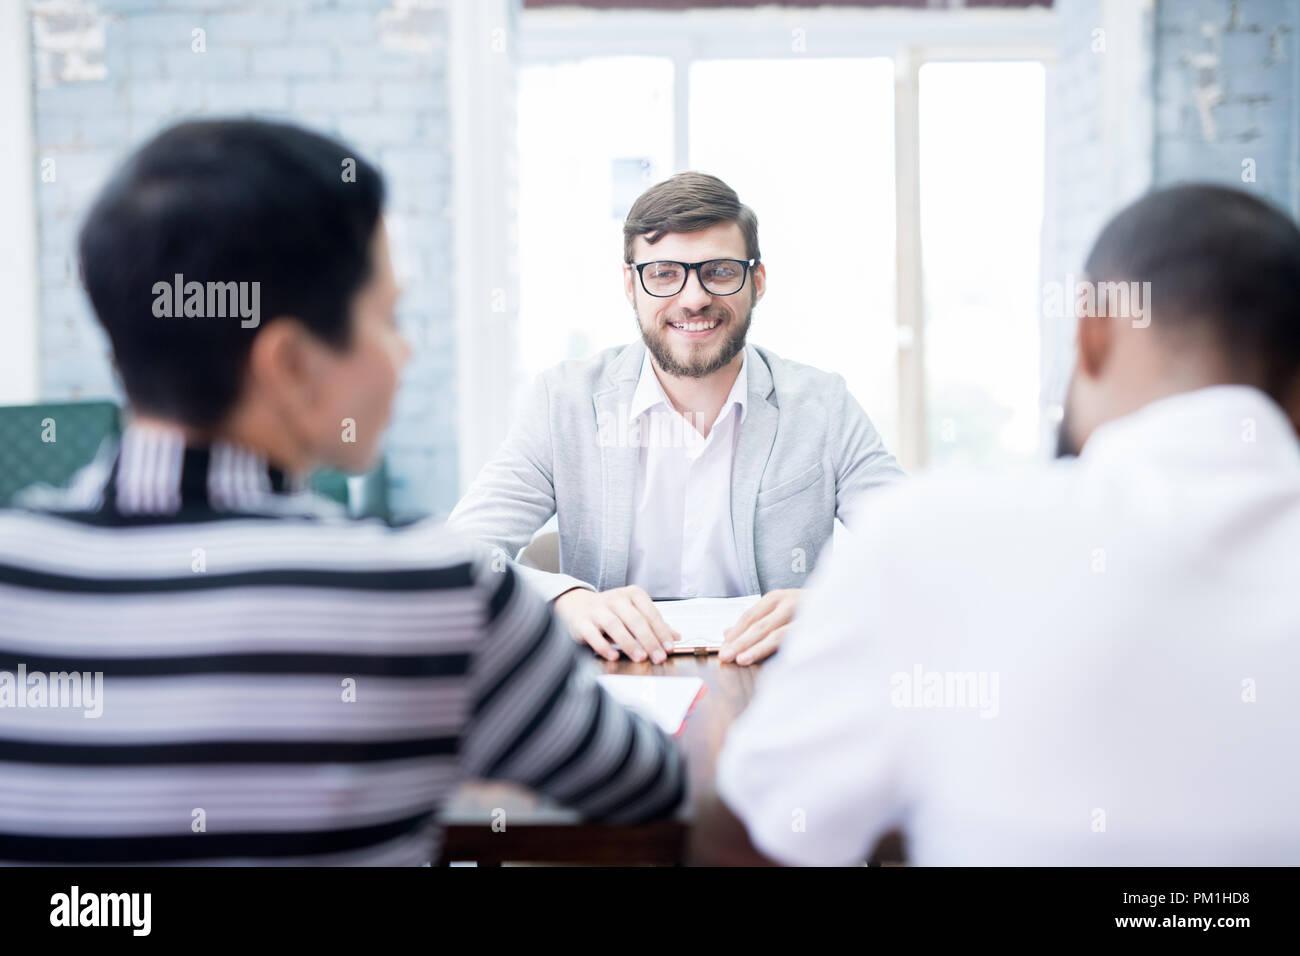 Candidato de trabajo tener una entrevista Foto de stock